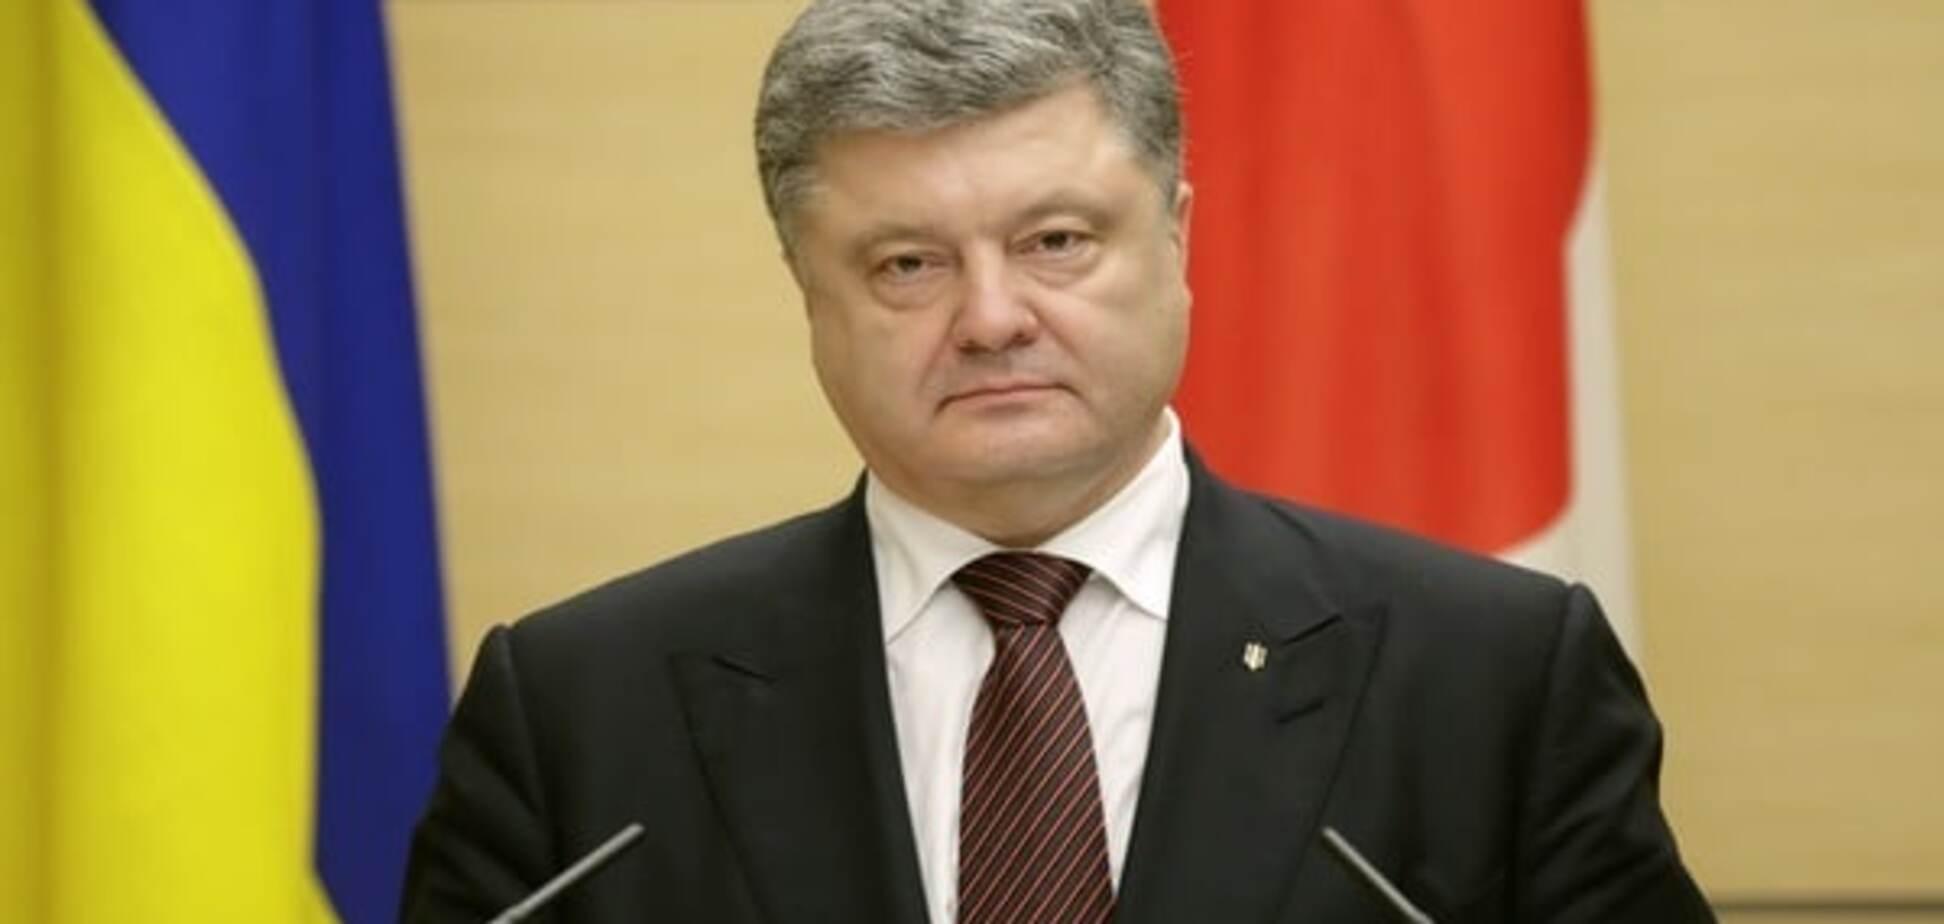 Справа за коаліцією: в БПП розповіли, коли Порошенко внесе кандидатуру прем'єра